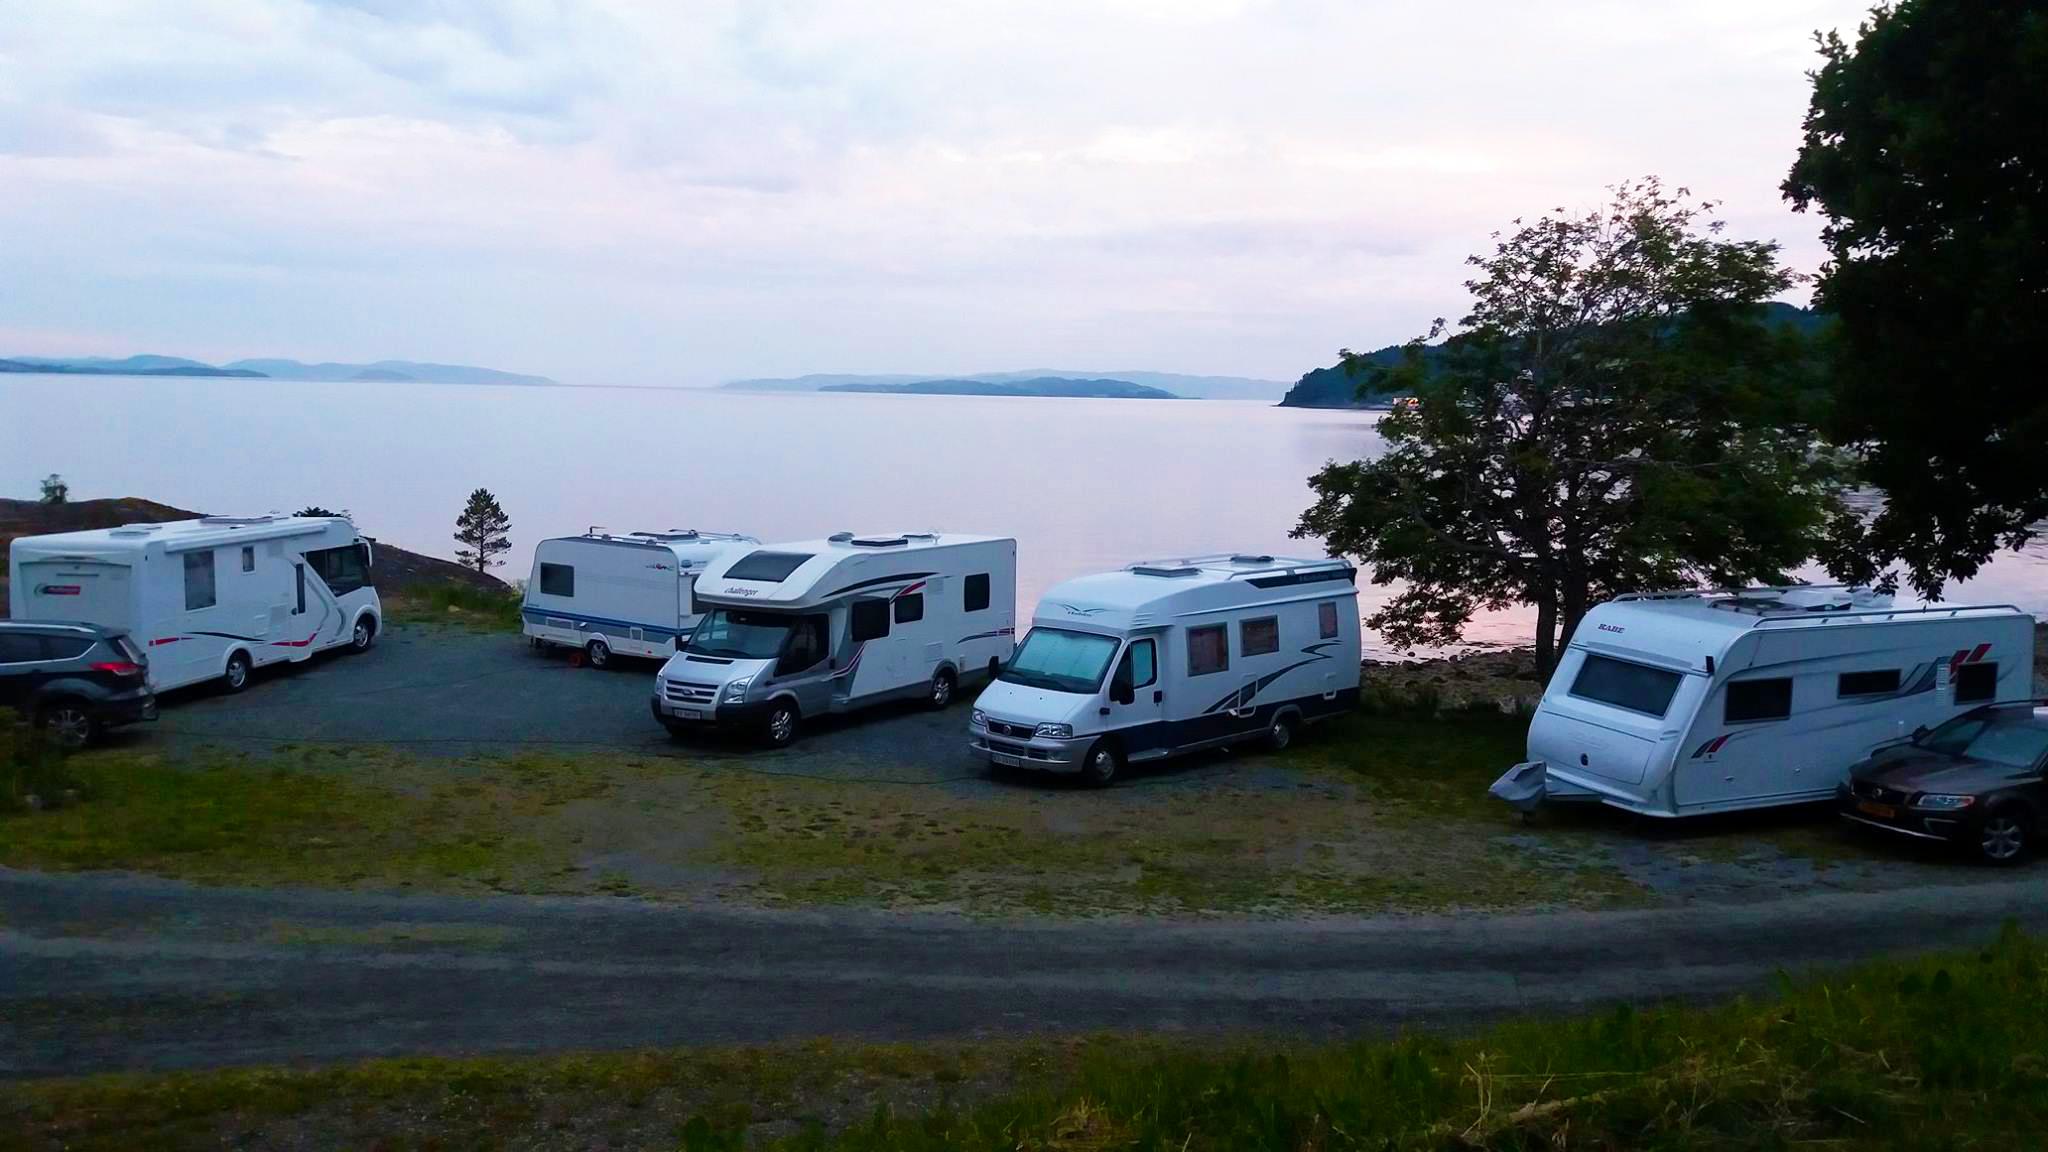 Bobiler hos Koa Camping i Inderøy